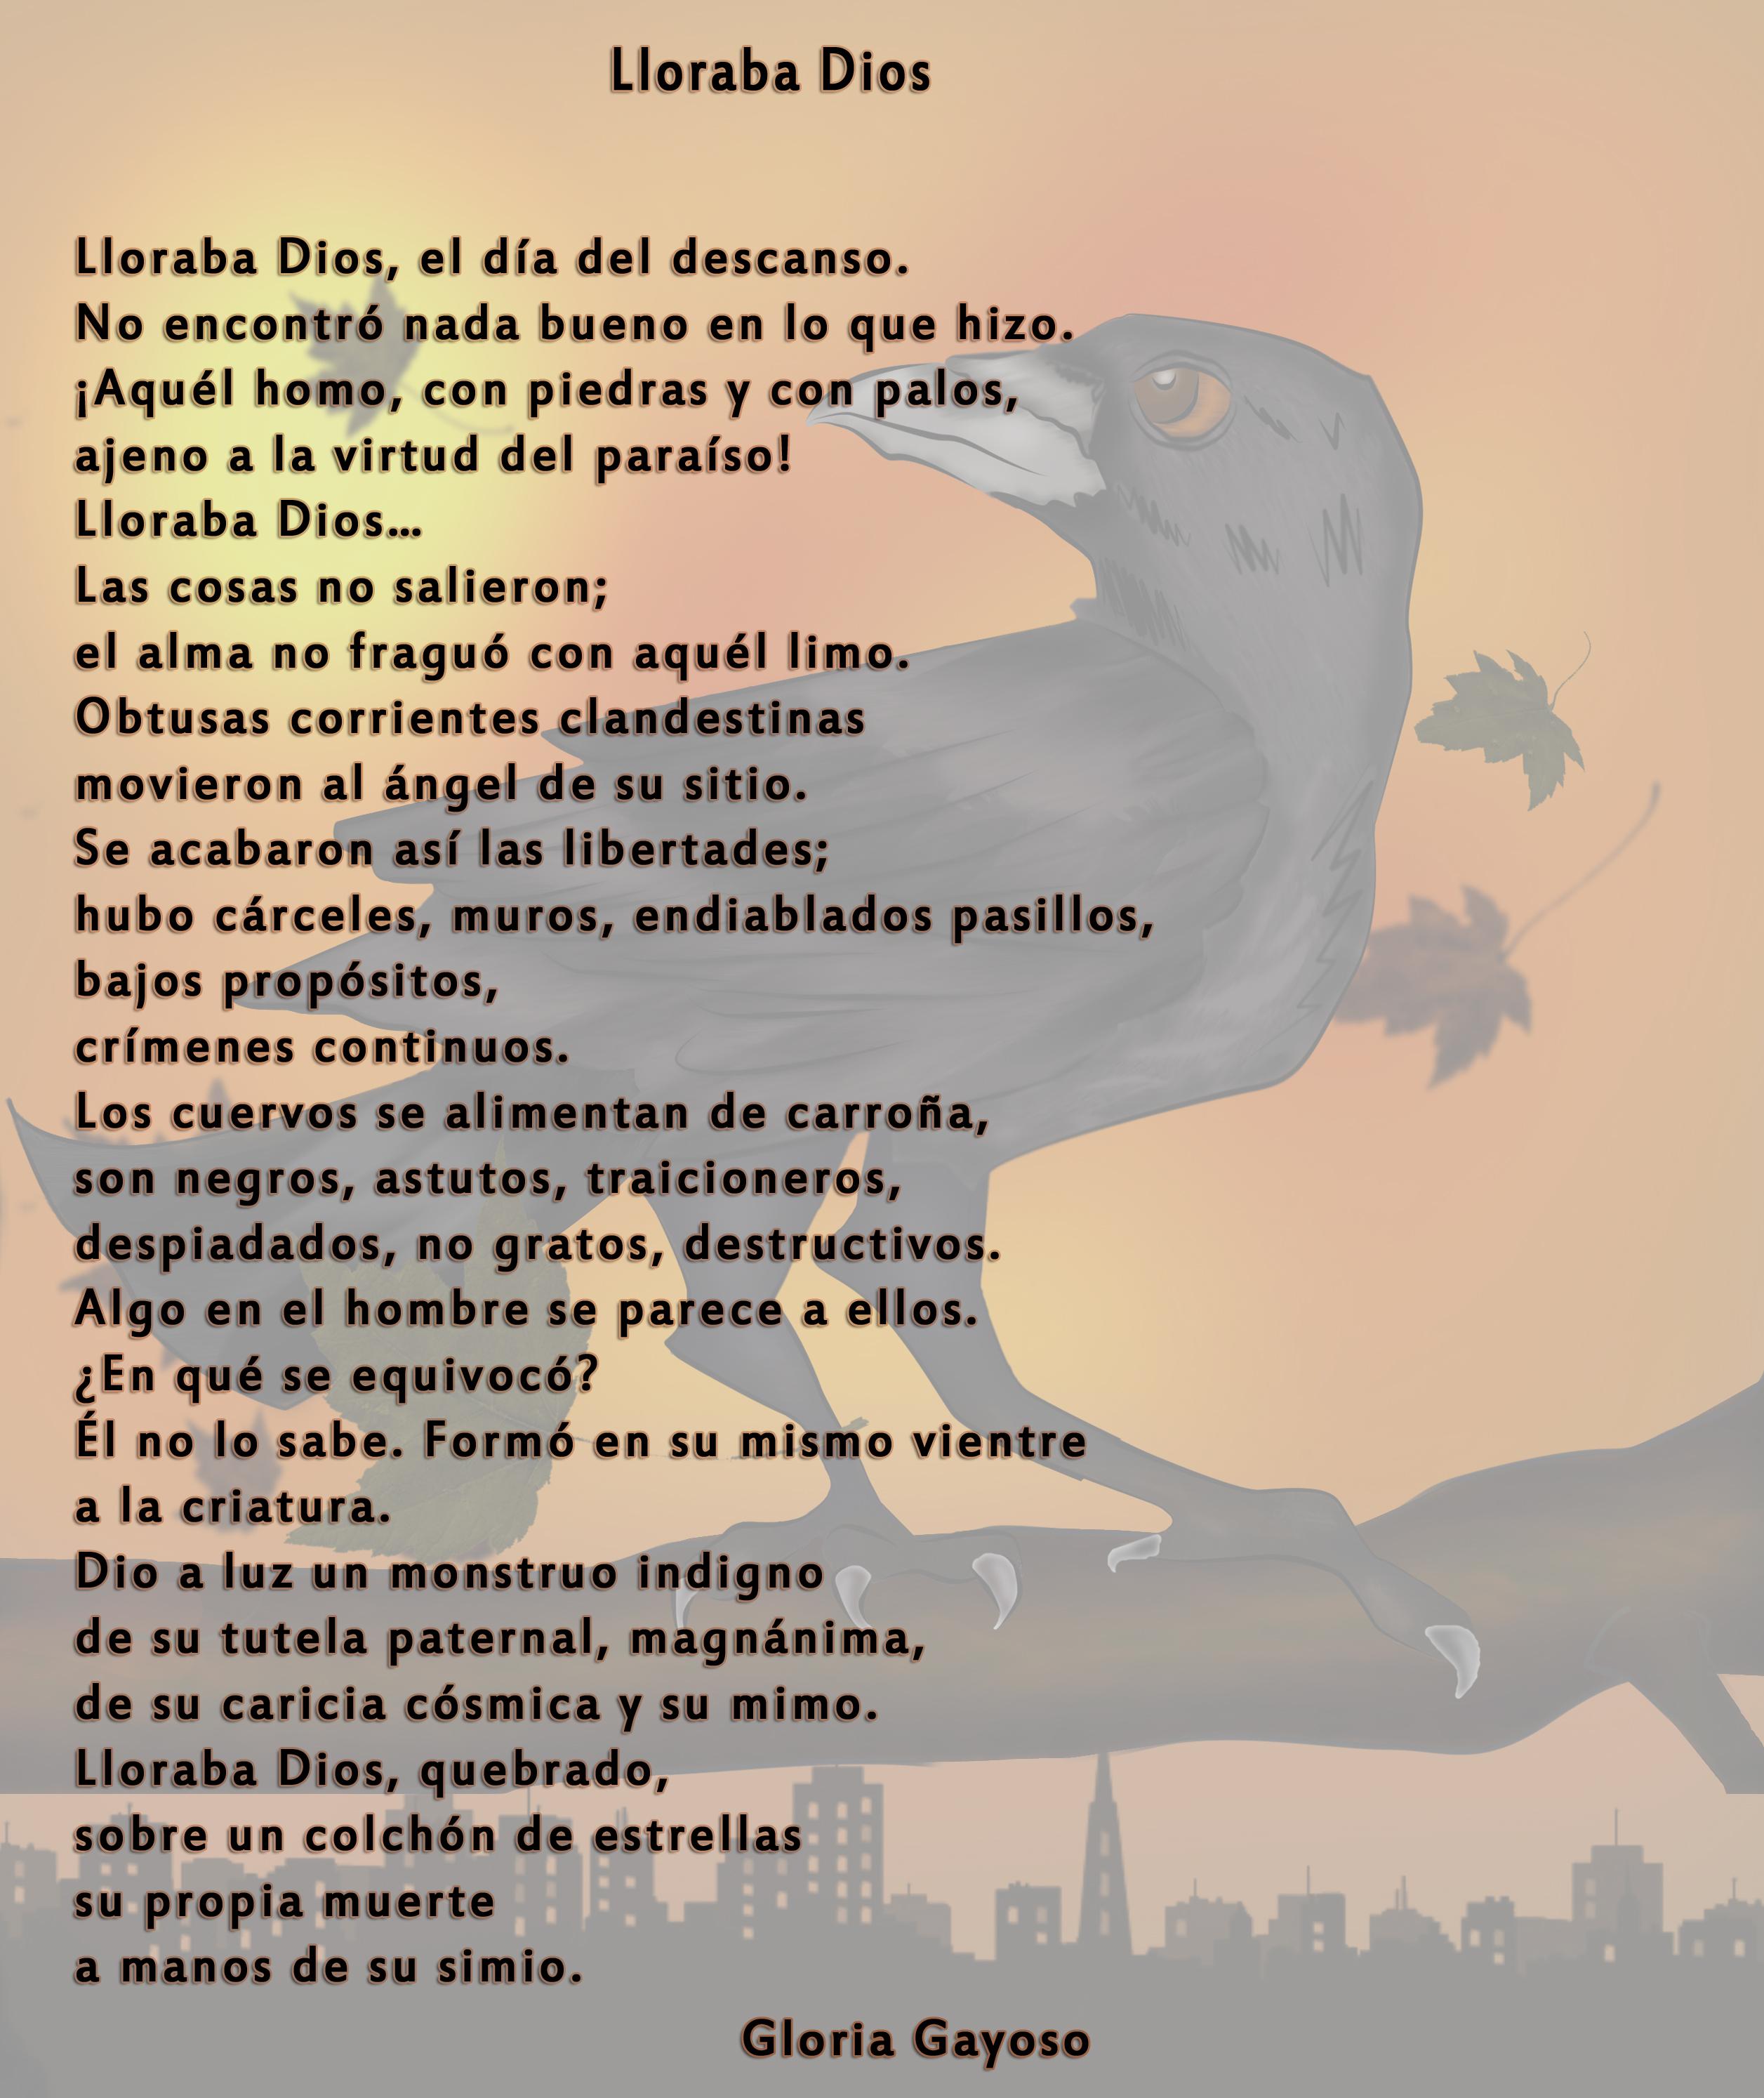 Lloraba Dios / Gloria Gayoso